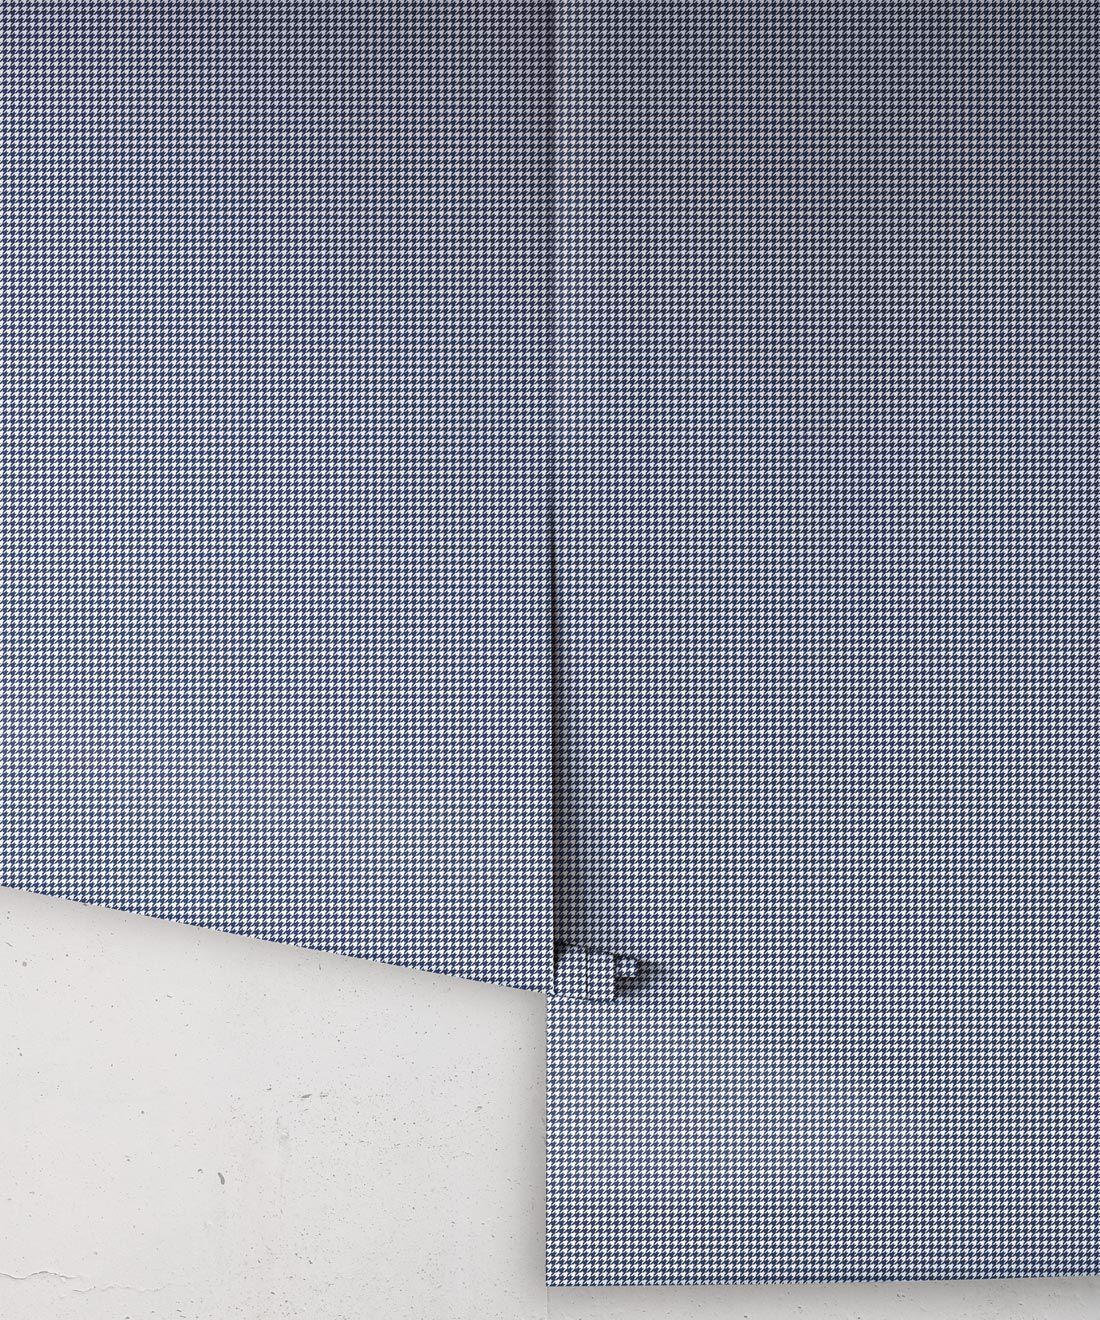 Houndstooth Wallpaper • Dogstooth Wallpaper • Navy •Rolls